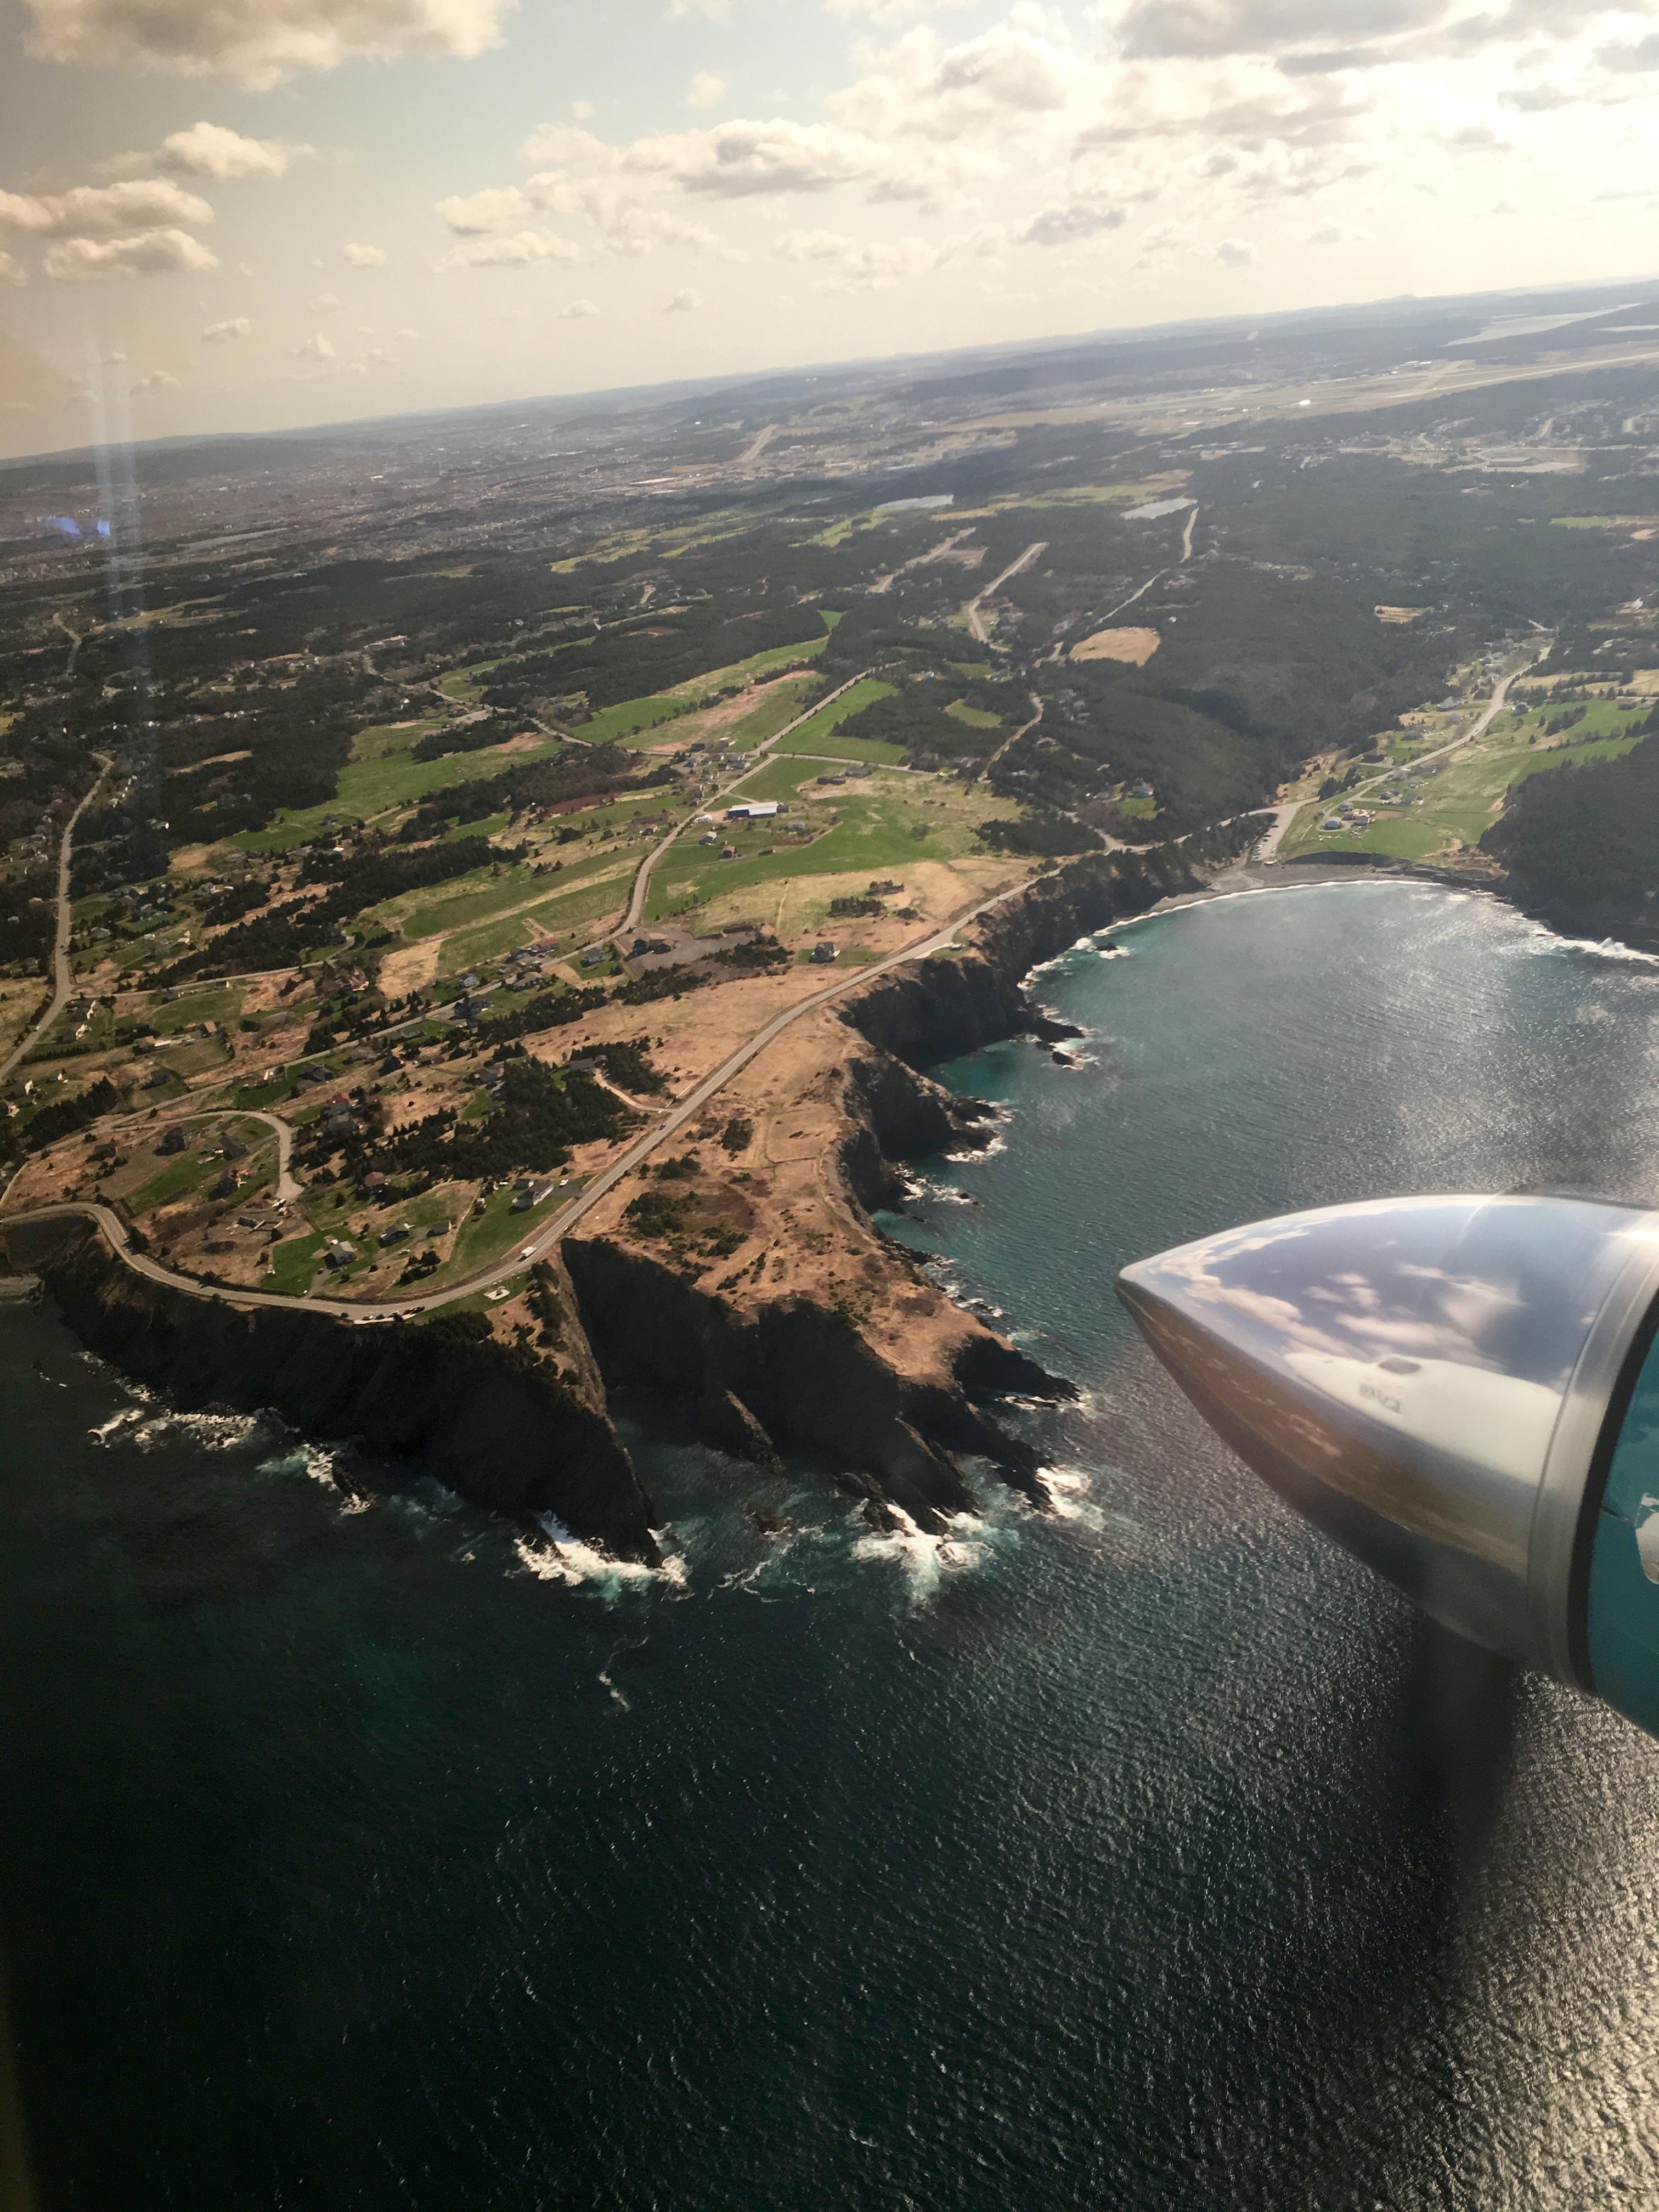 Newfoundland Birds Eye View